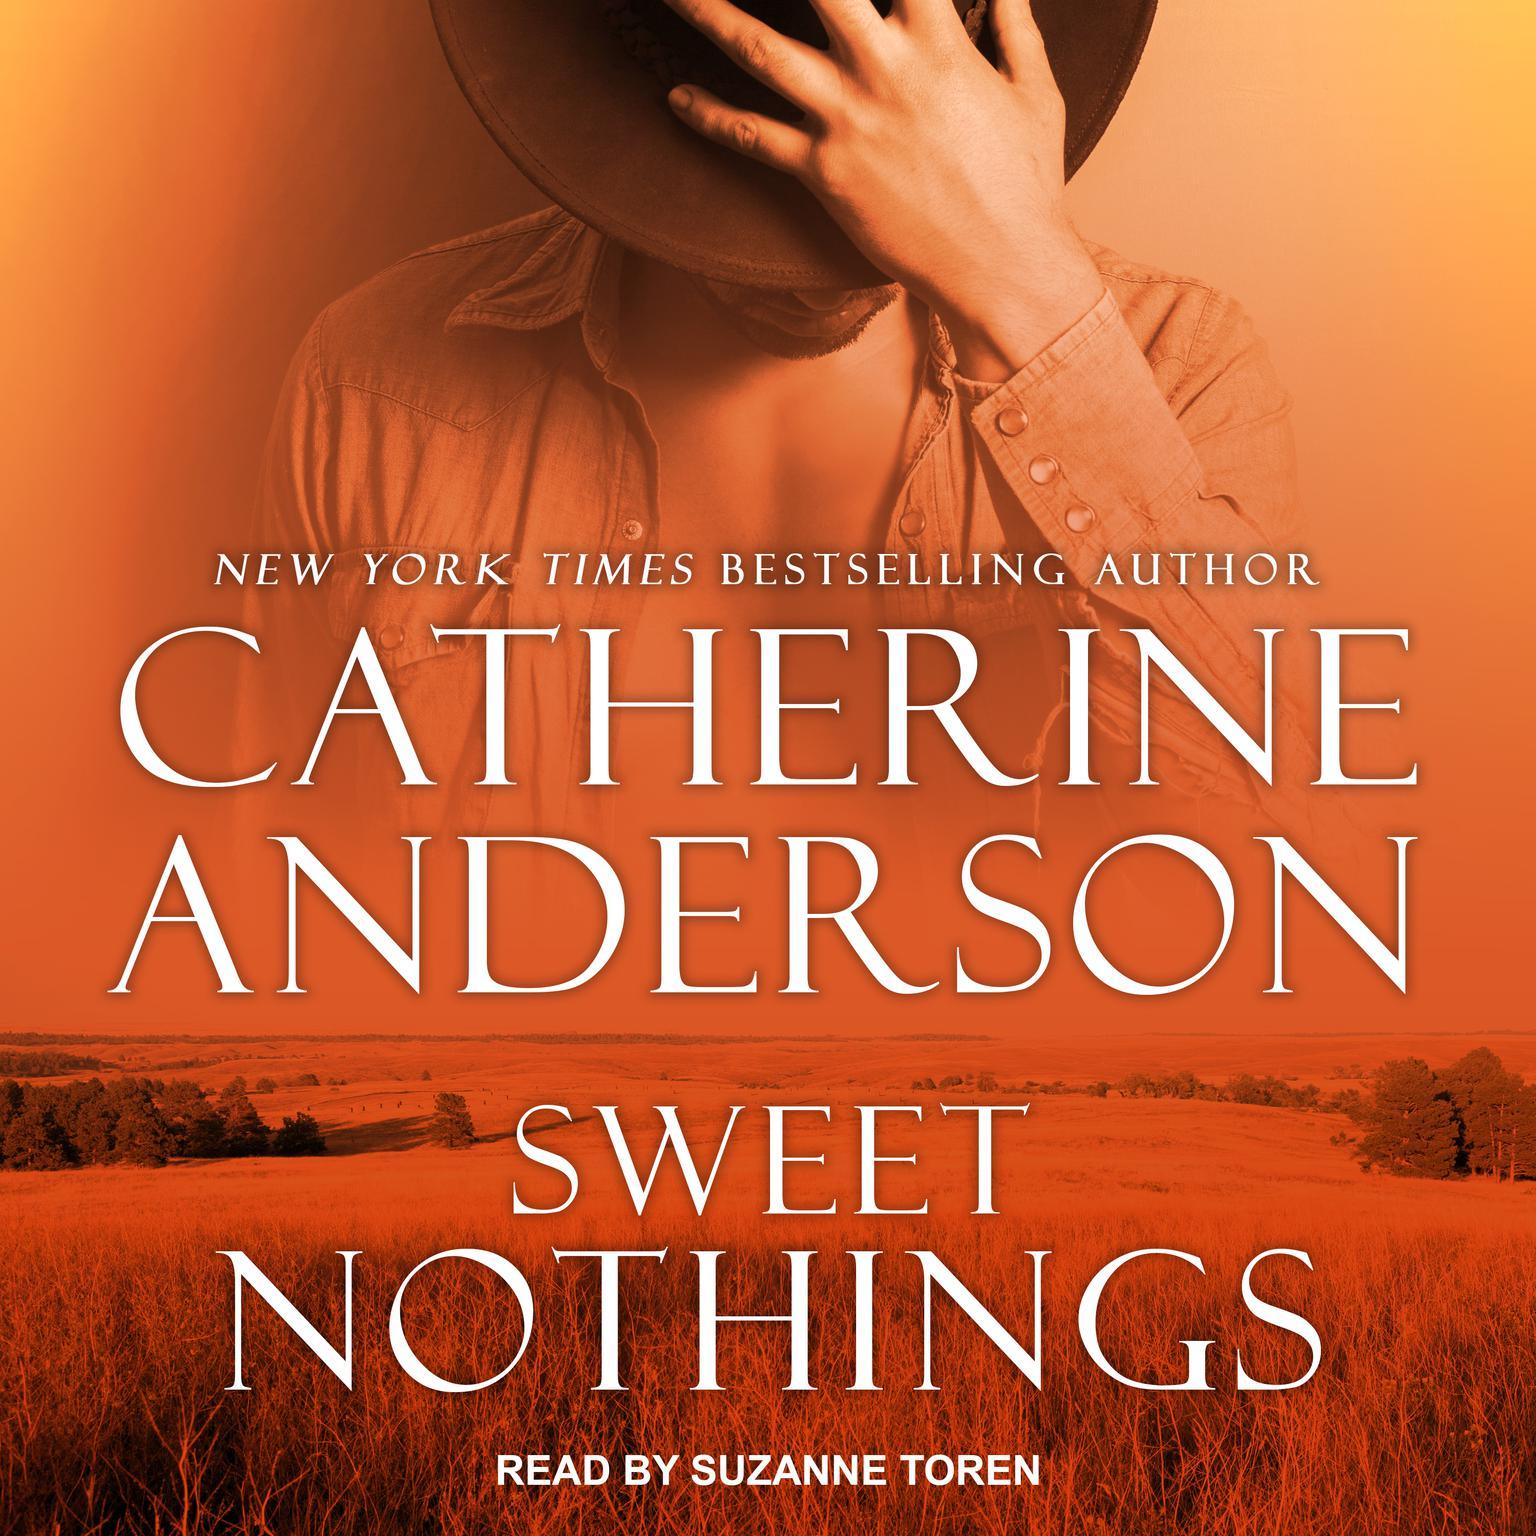 Printable Sweet Nothings Audiobook Cover Art